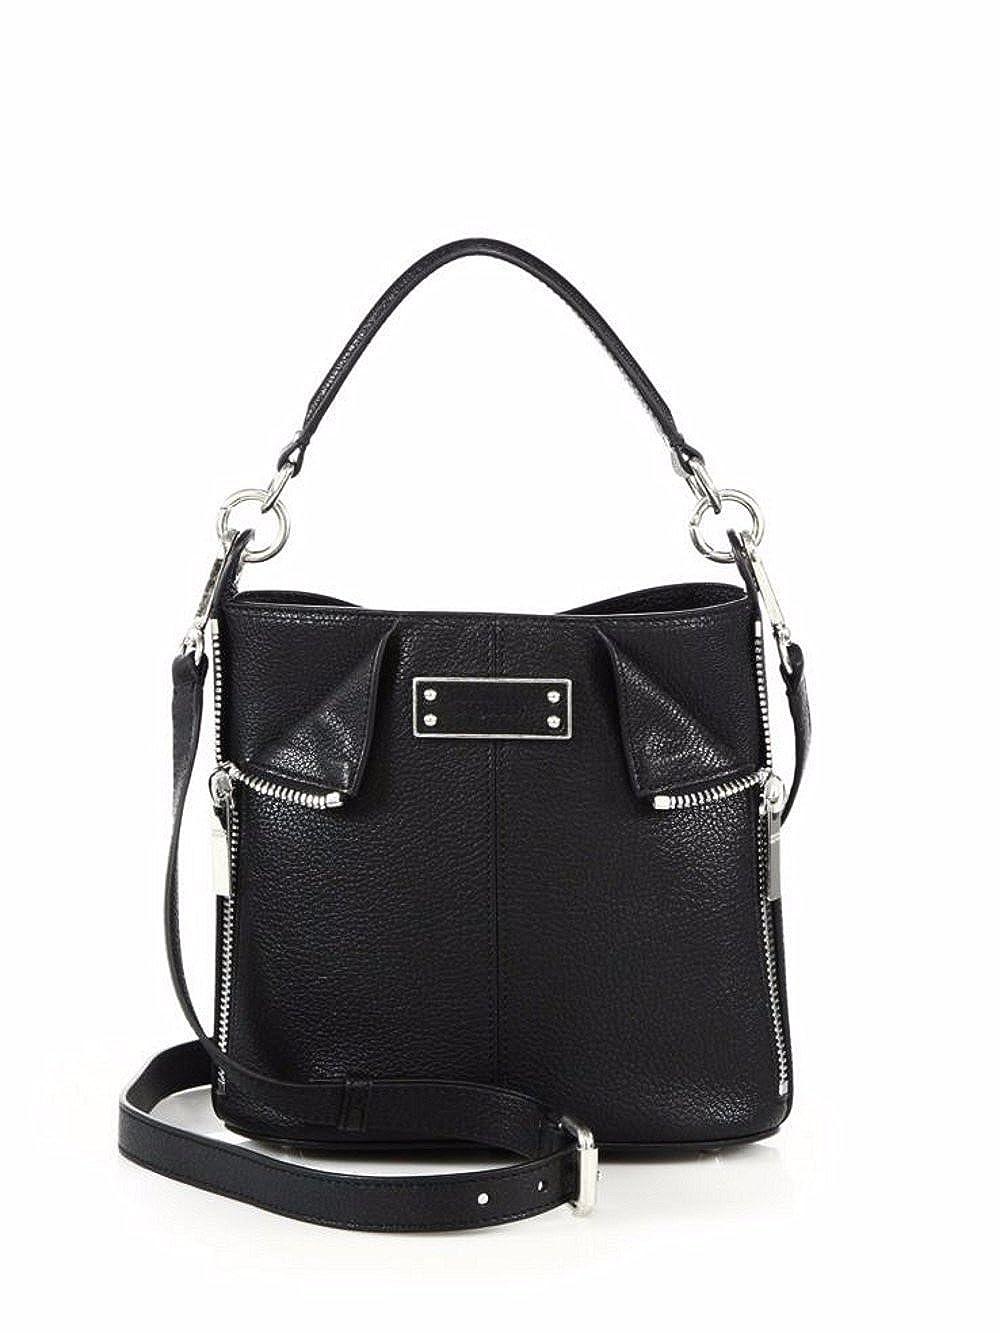 Alexander De Bag Handbags Leather Mcqueen Small Manta Crossbody 4pPA4w